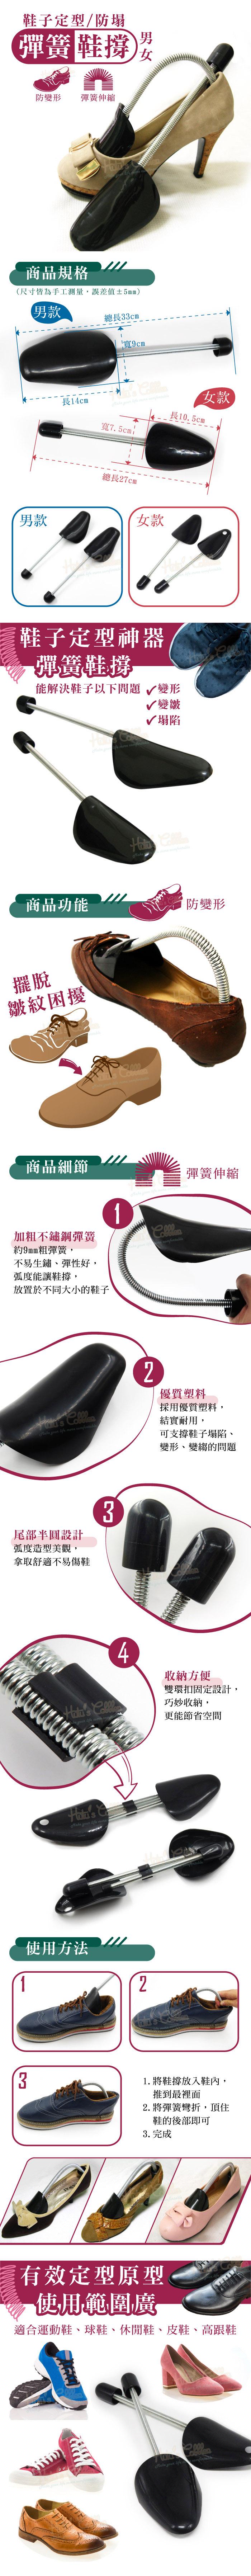 糊塗鞋匠 優質鞋材 A08 不銹鋼彈簧鞋撐 1雙  保護鞋子不變形 不銹鋼彈簧伸縮